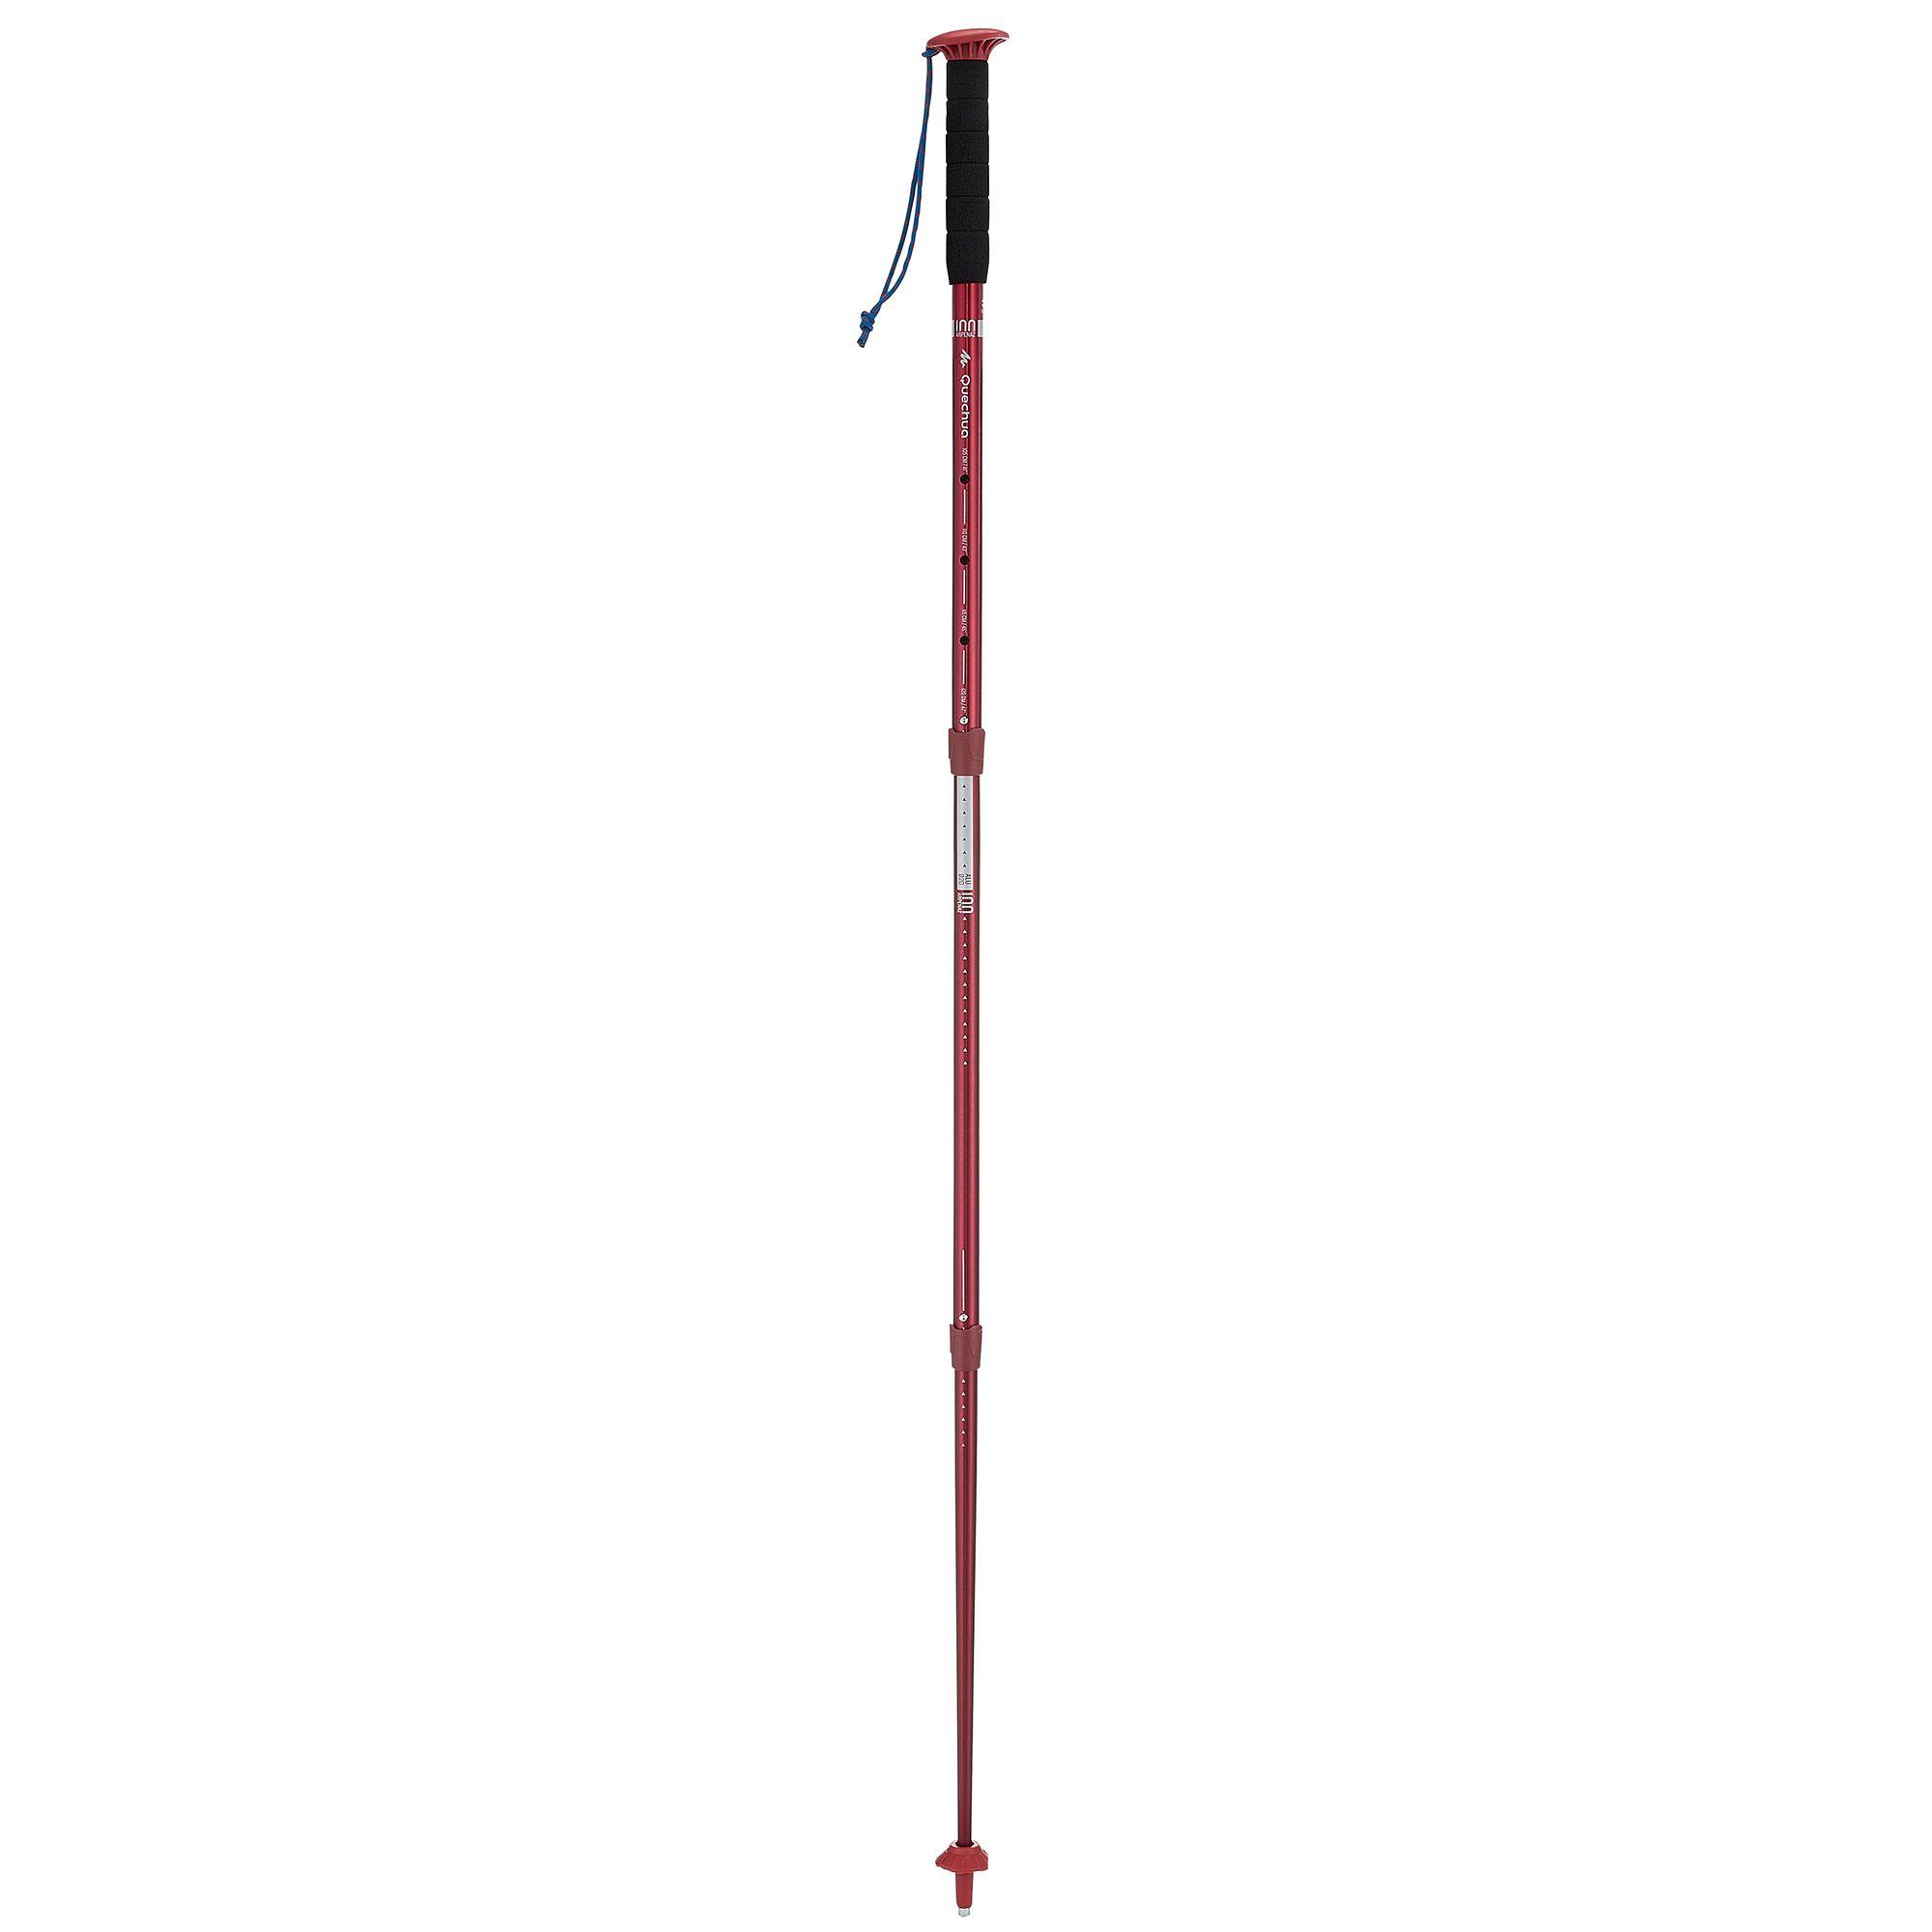 Bâton de randonnée Arpenaz 100, 100% alu , 3 brins,  ultra simple et fiable.